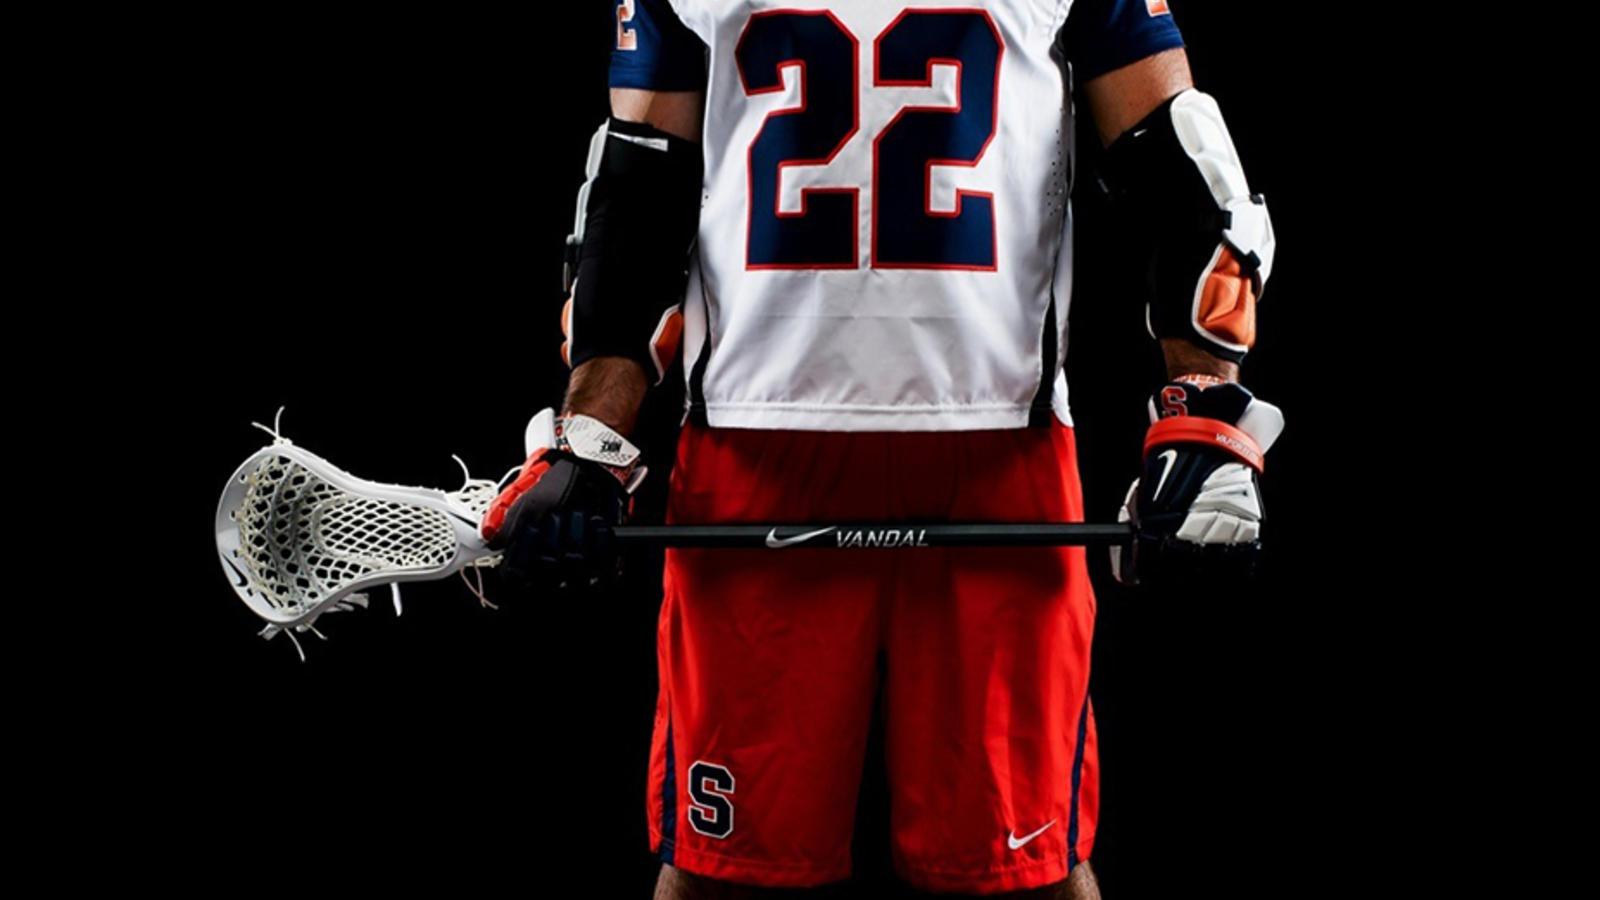 gallery for nike lacrosse wallpaper hd